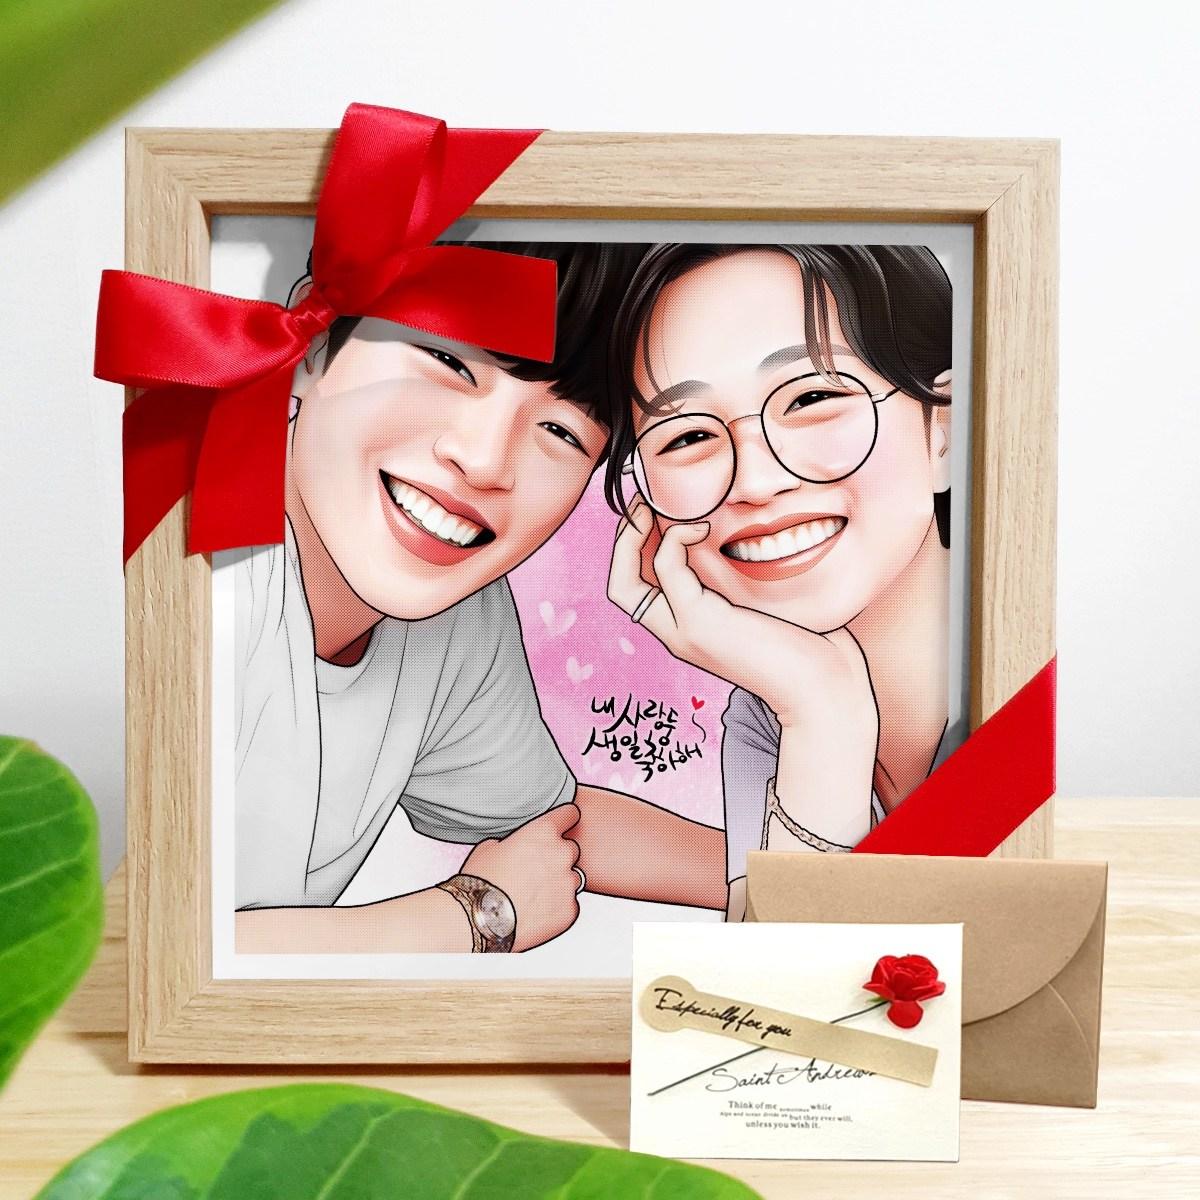 사진주문제작 감성 팝아트 초상화 캐리커쳐 20대 여자친구 커플 부모님 생일 기념일 선물, 그림속인원 2명 (POP 1750808626)